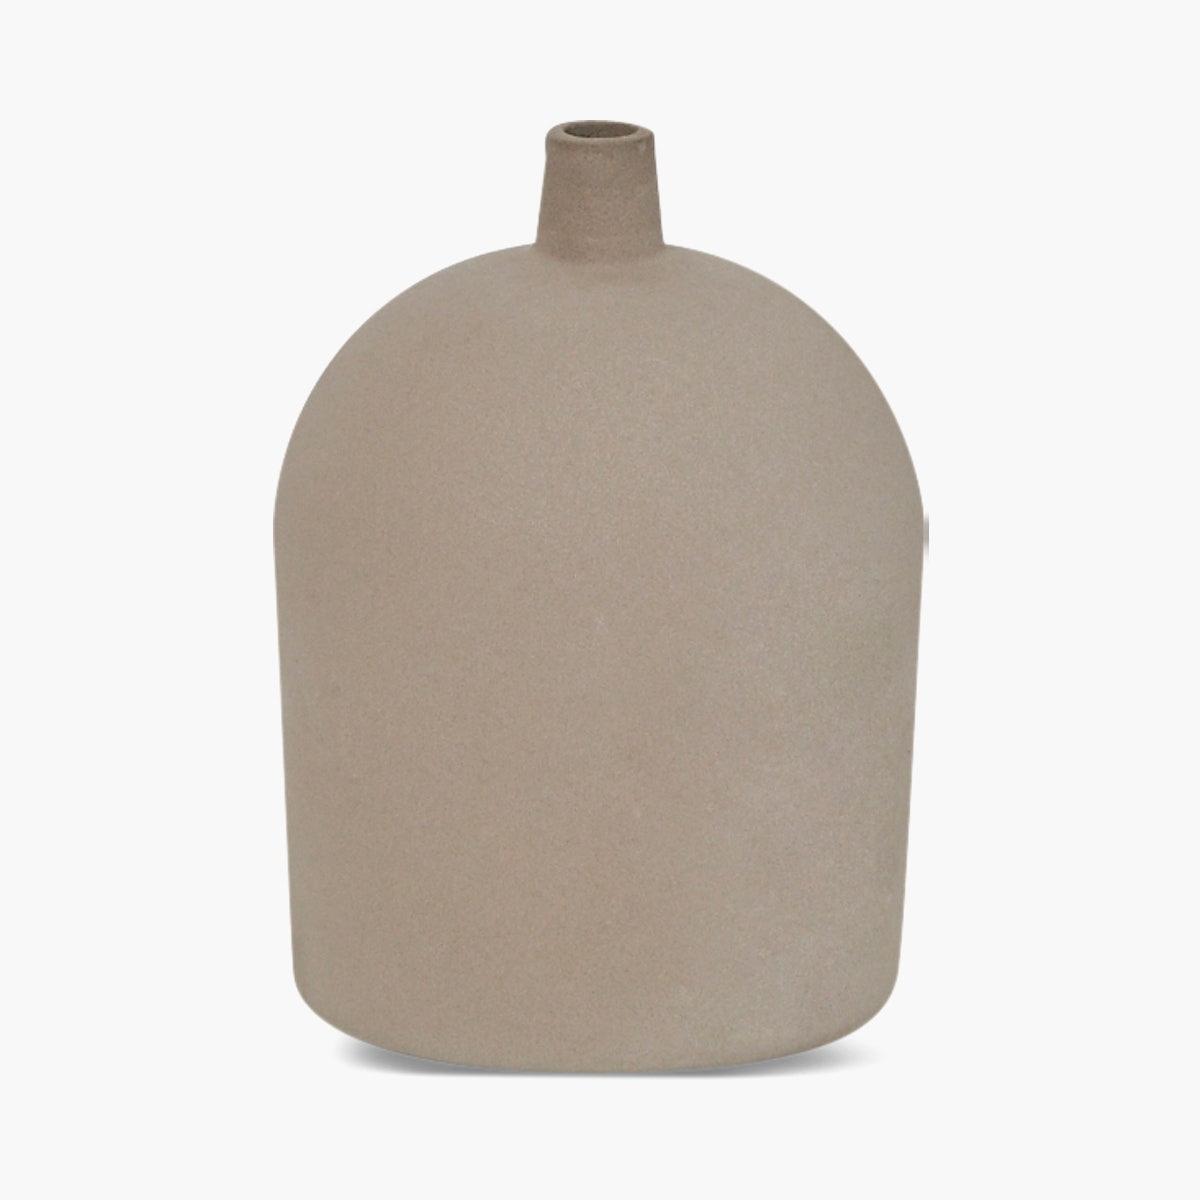 Dome Vases